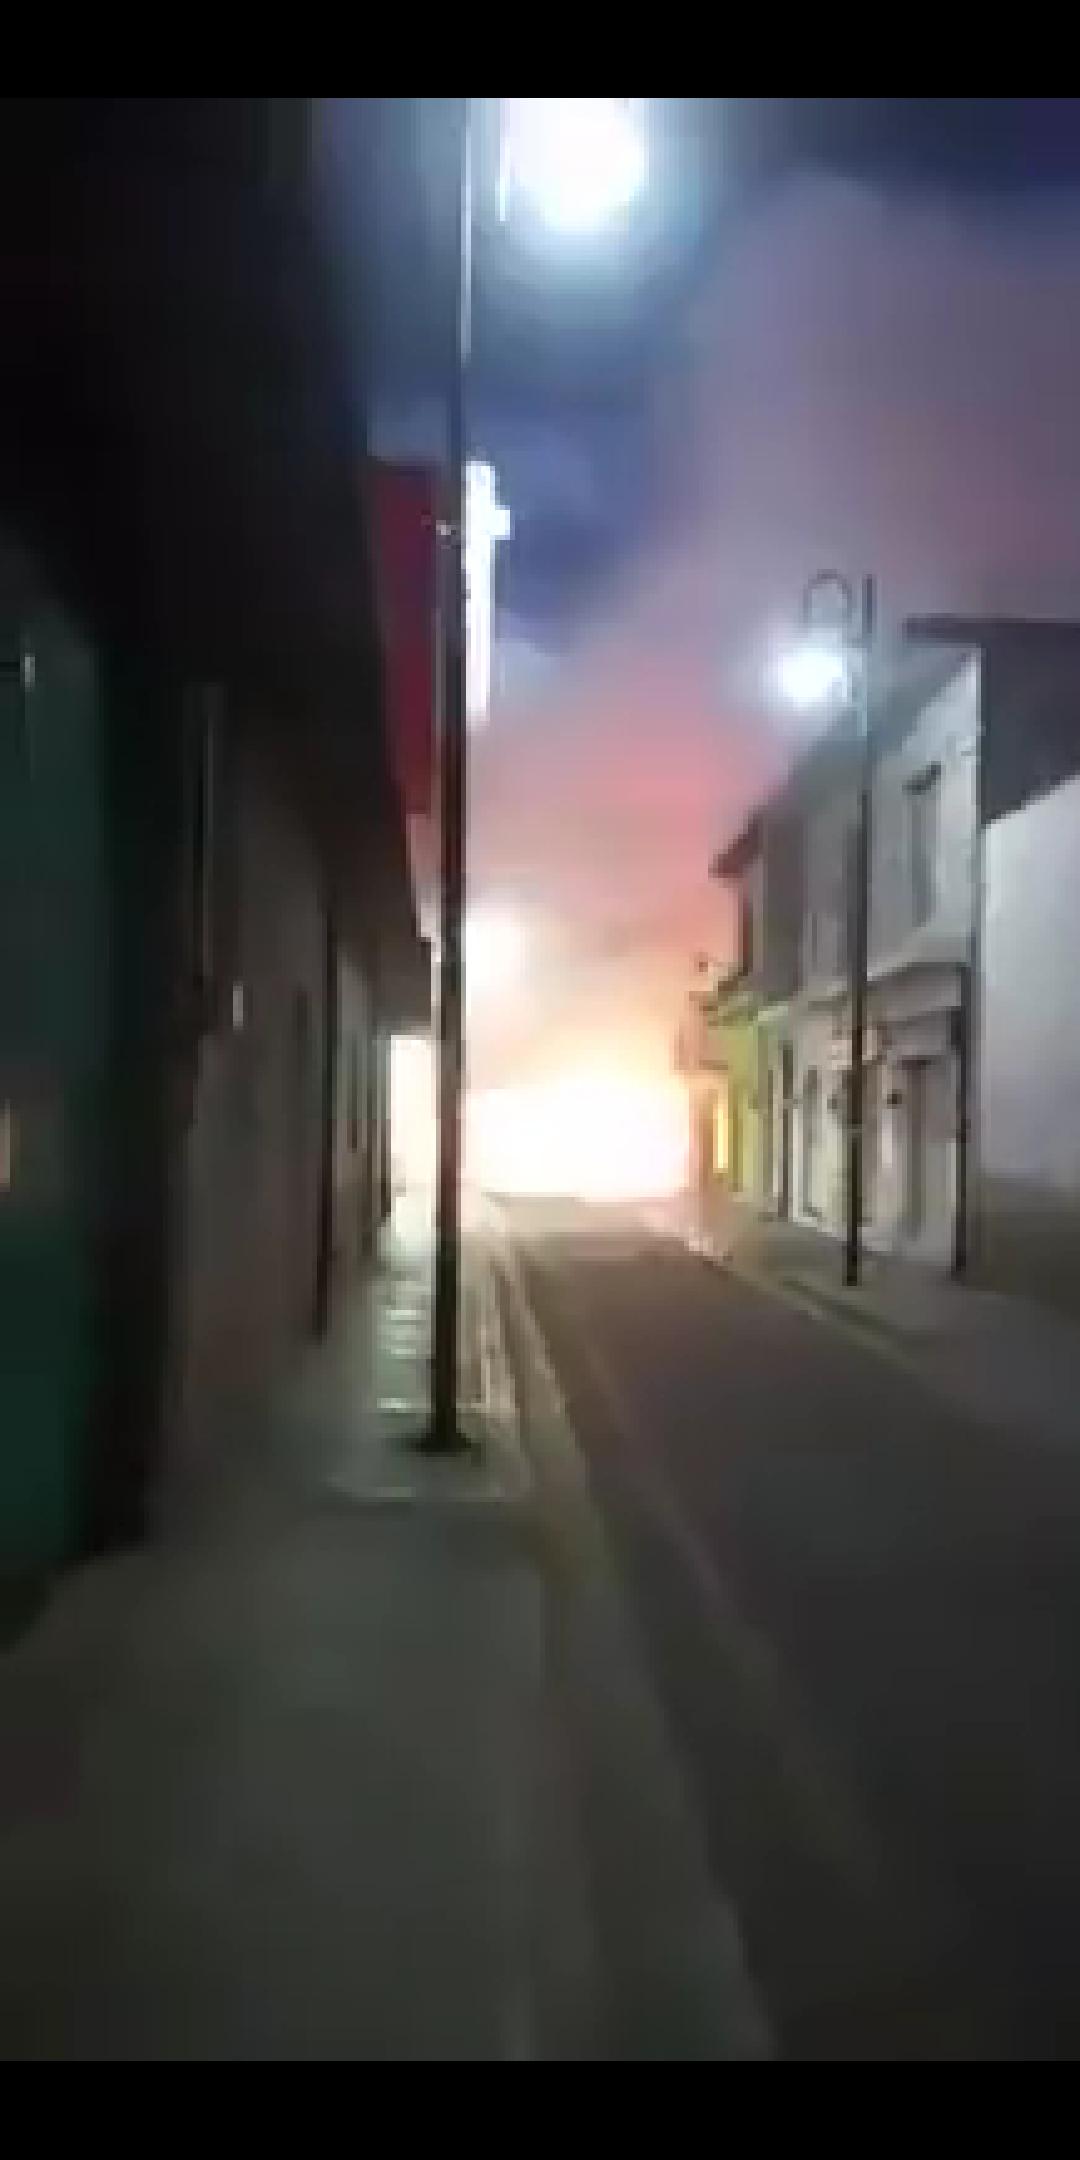 Hace unos momentos, un puesto de pirotecnia explotó dentro del mercado municipal en #Zinacatepec